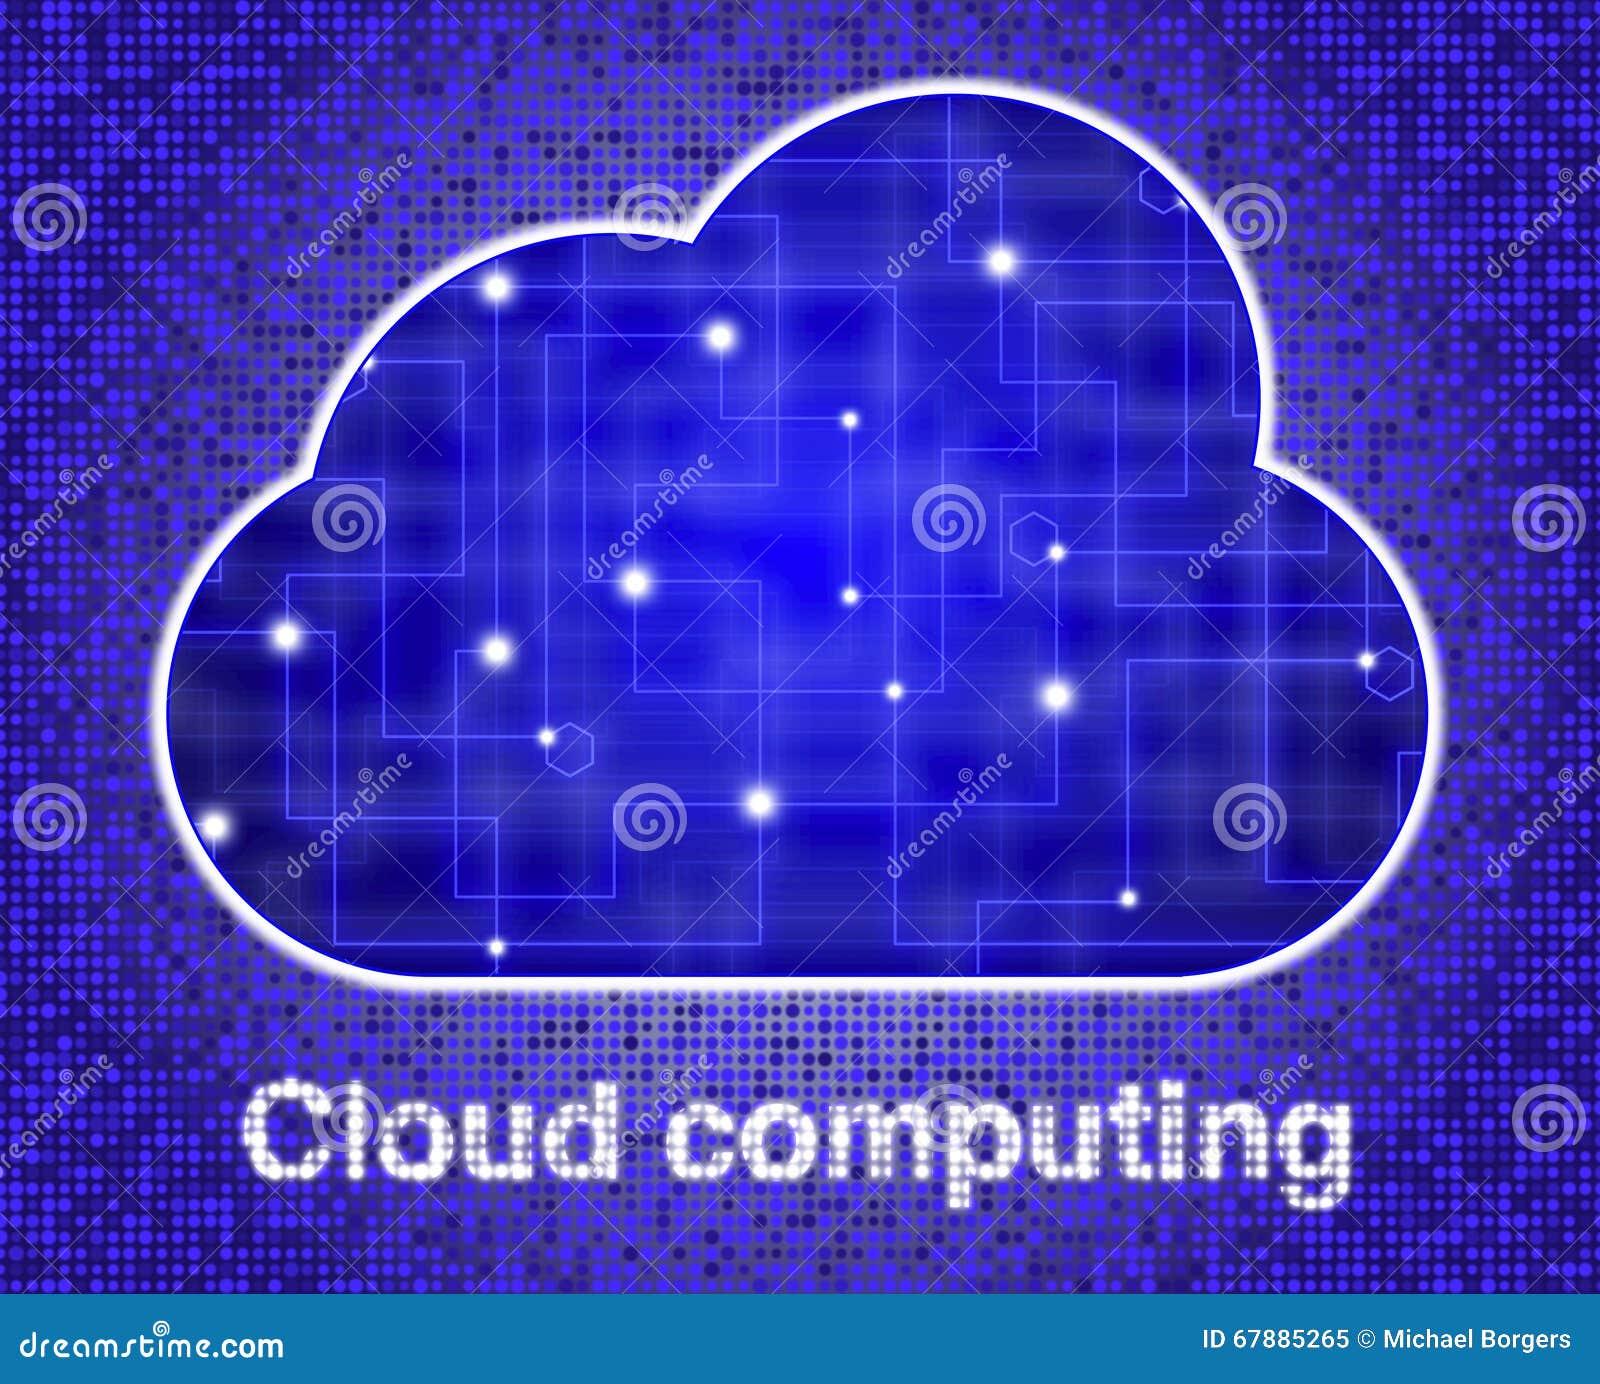 Nube con textura de la red que brilla intensamente